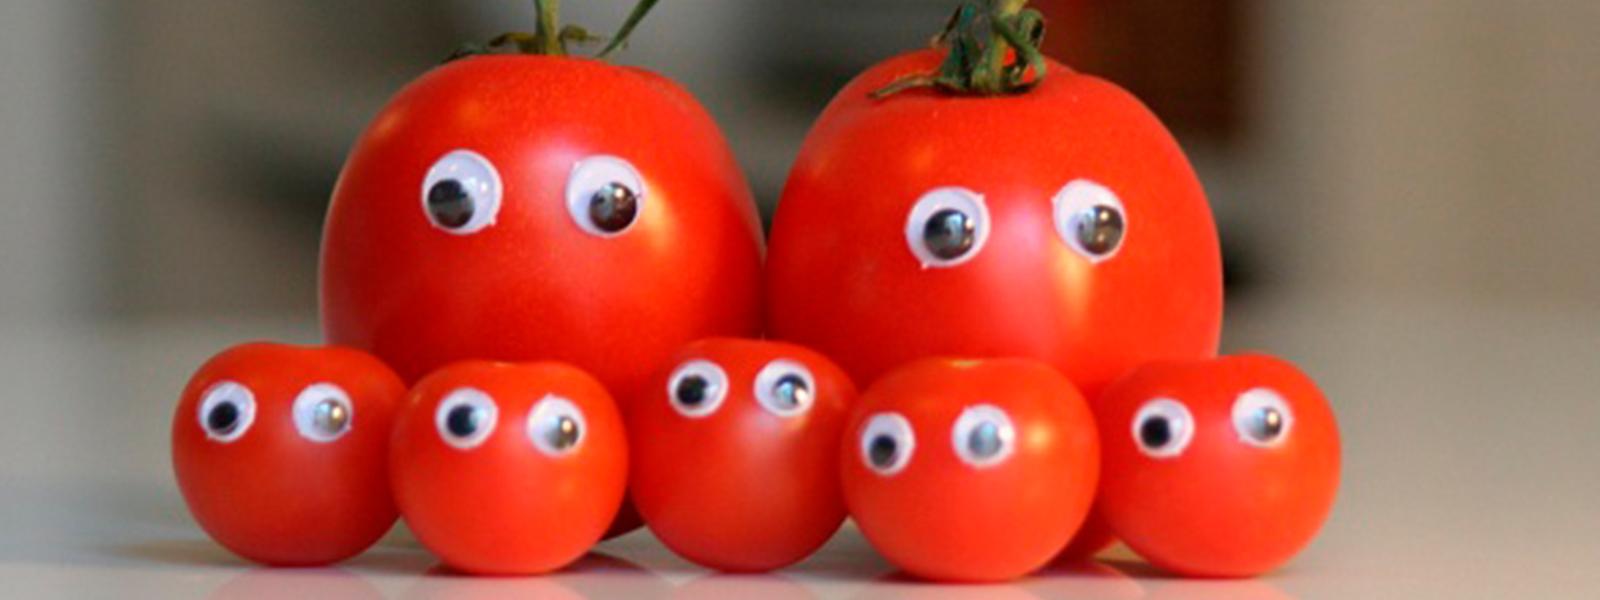 Живые фрукты и смешные овощи